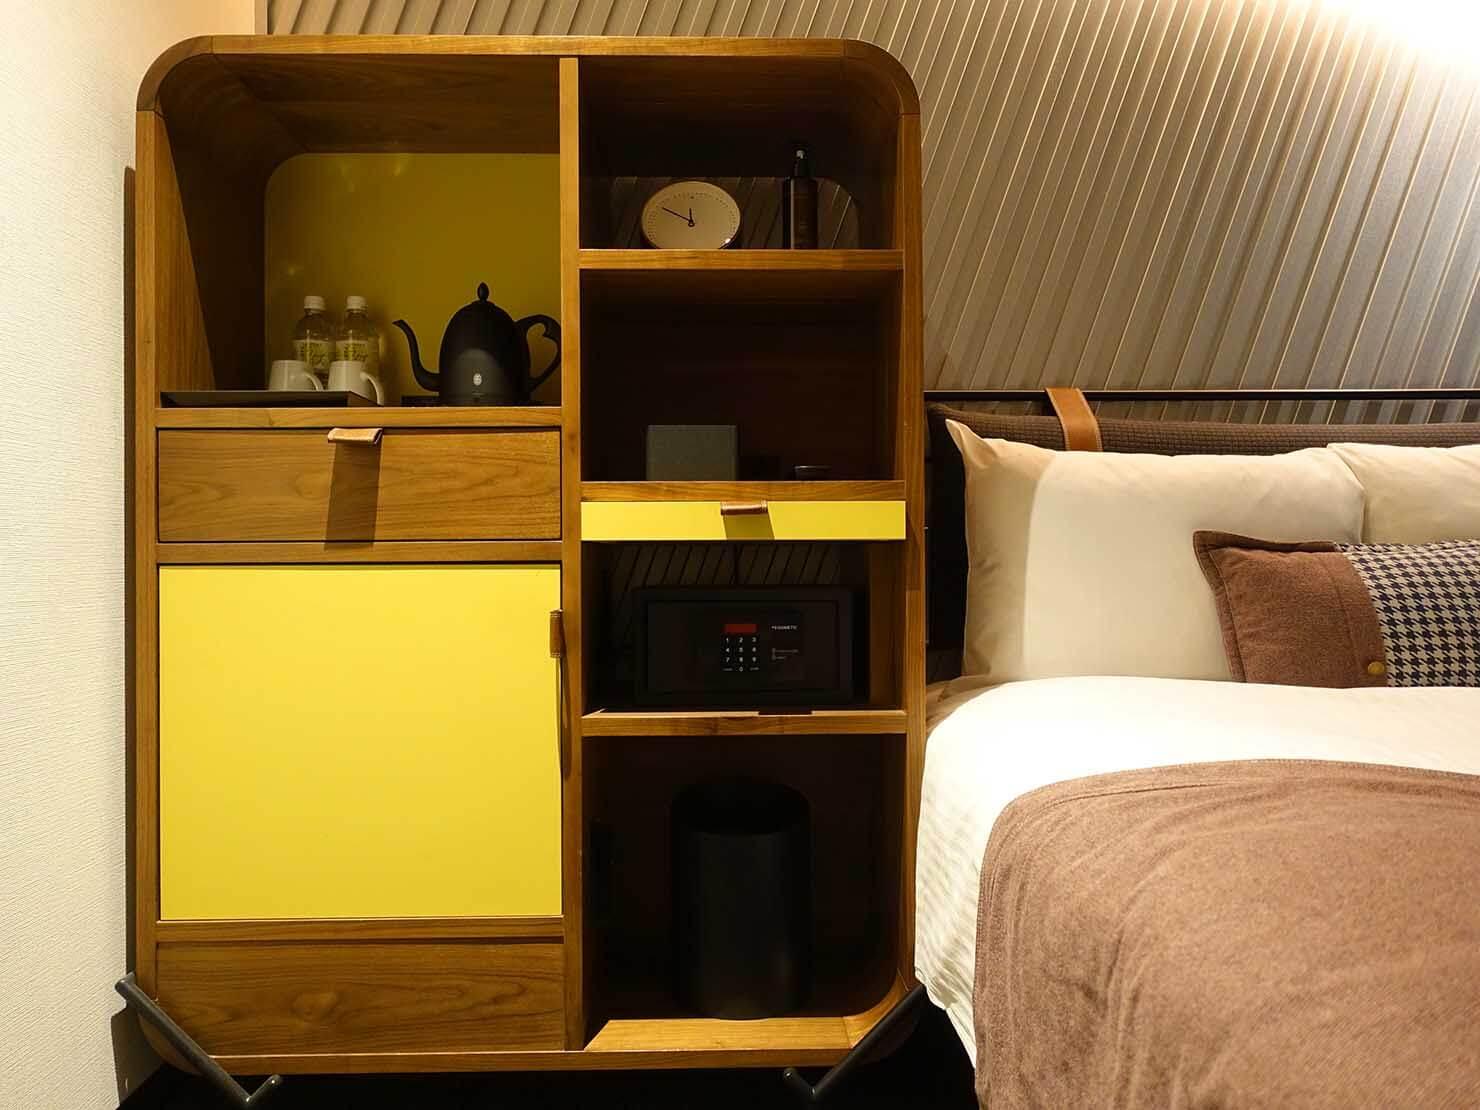 福岡・中洲川端にあるおしゃれなおすすめホテル「THE LIVELY」スタンダードダブルの棚